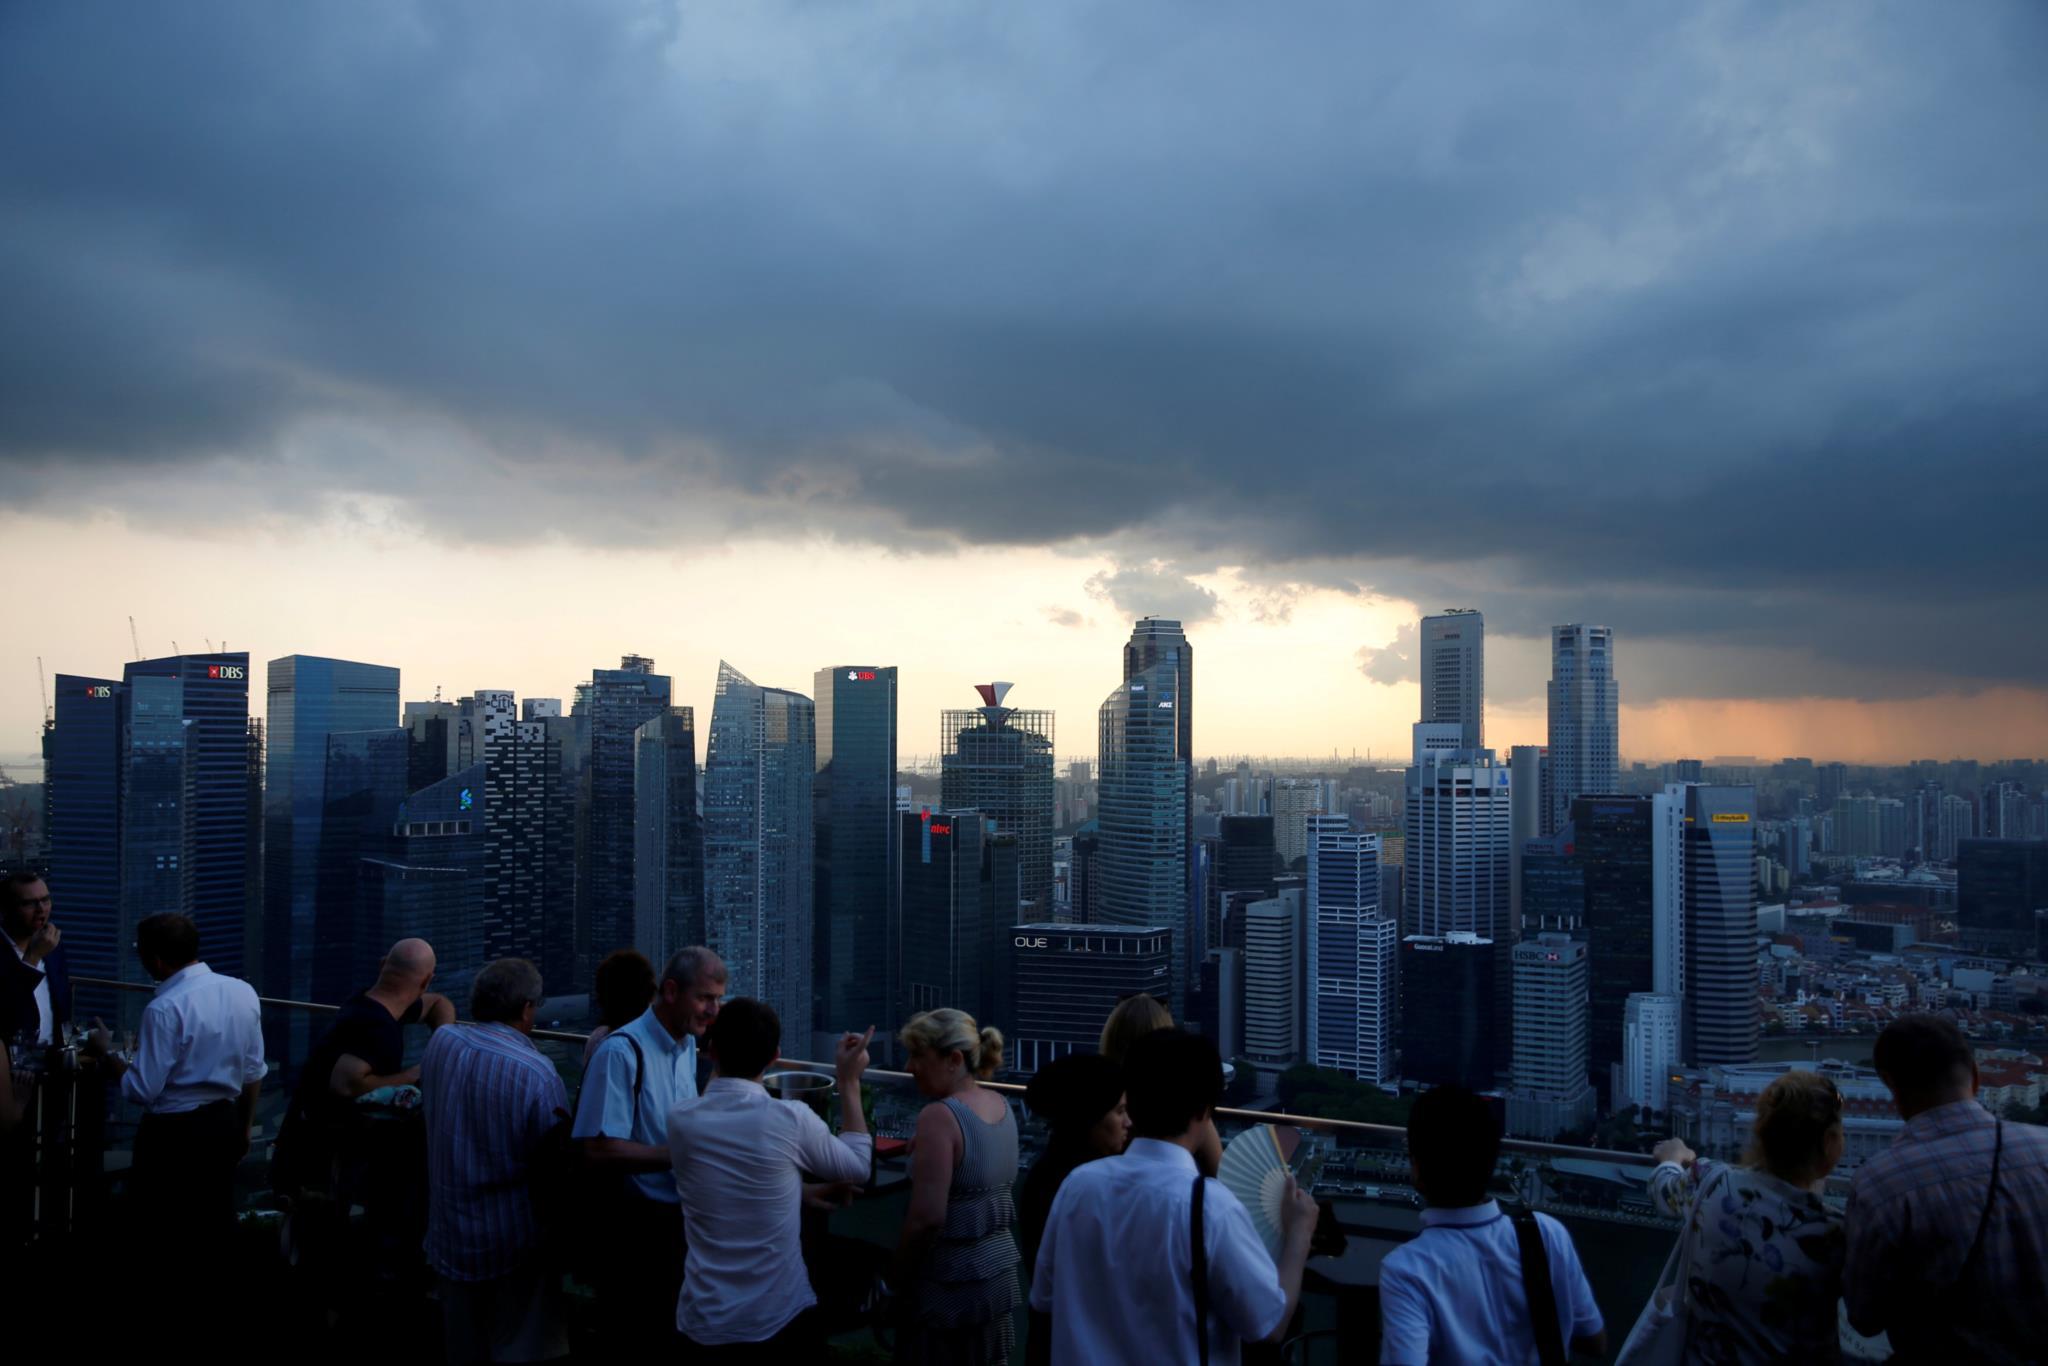 Singapura foi considerada a cidade mais cara do mundo